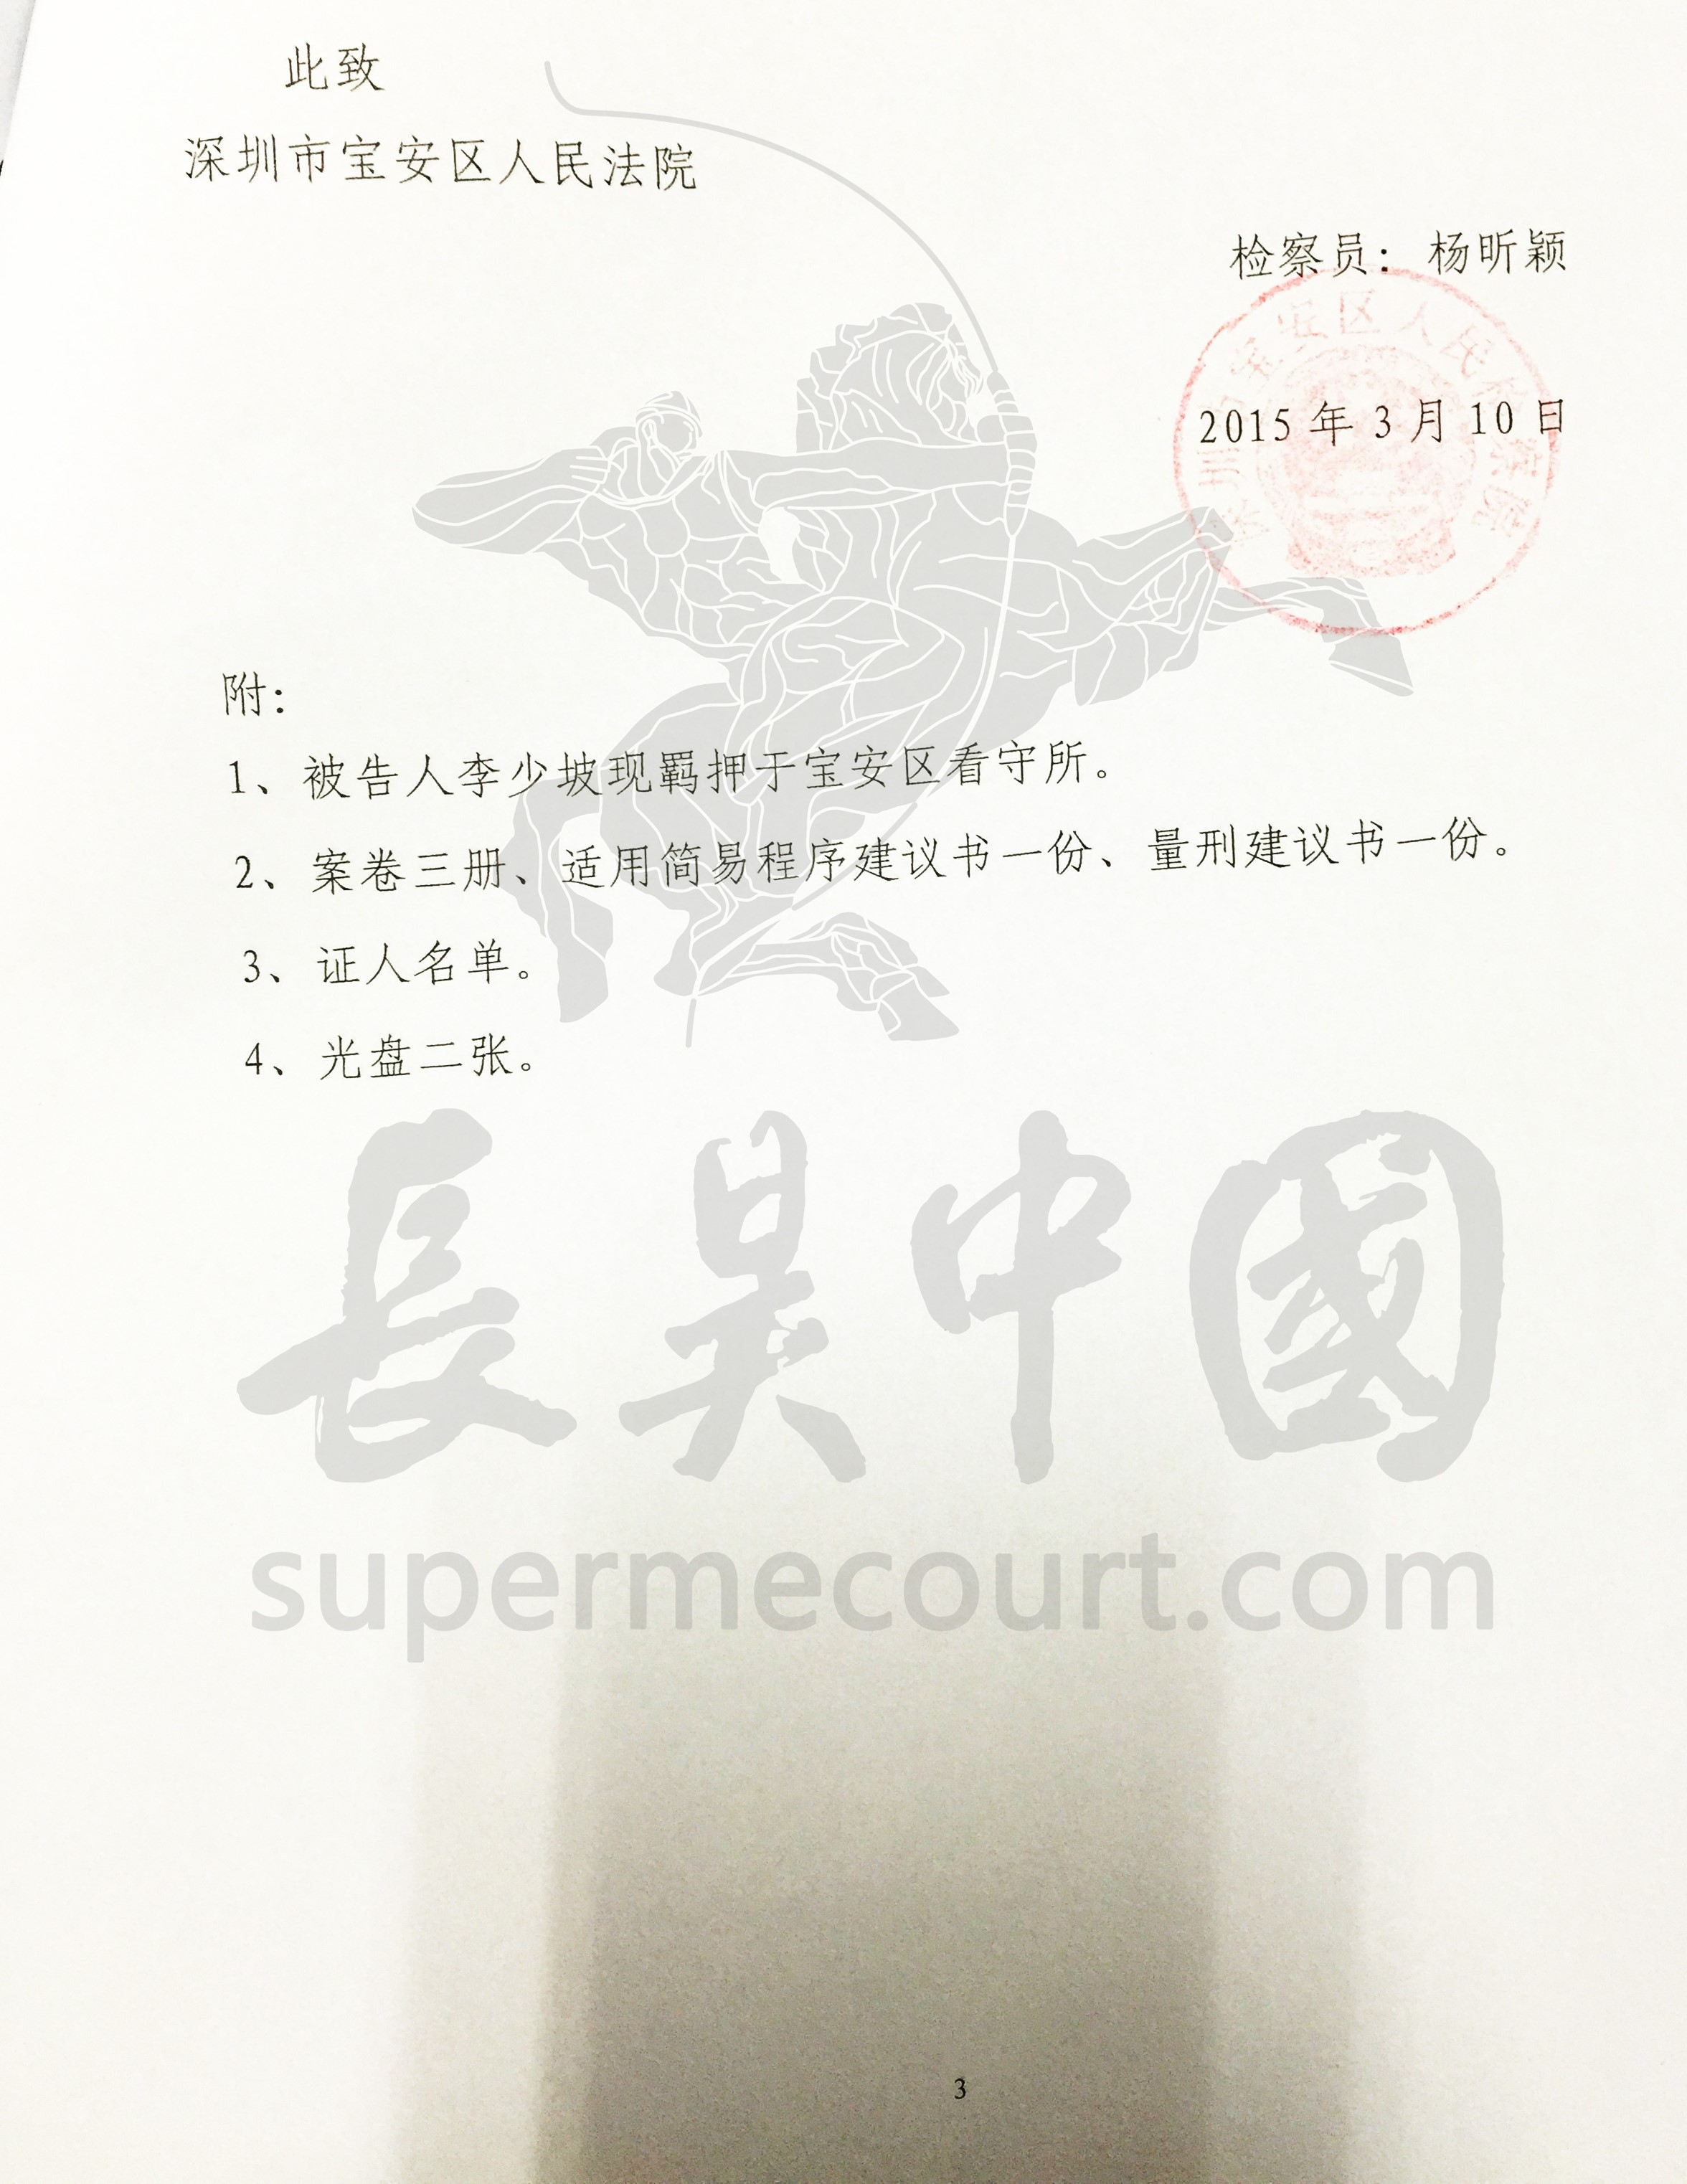 起诉书3  水印3